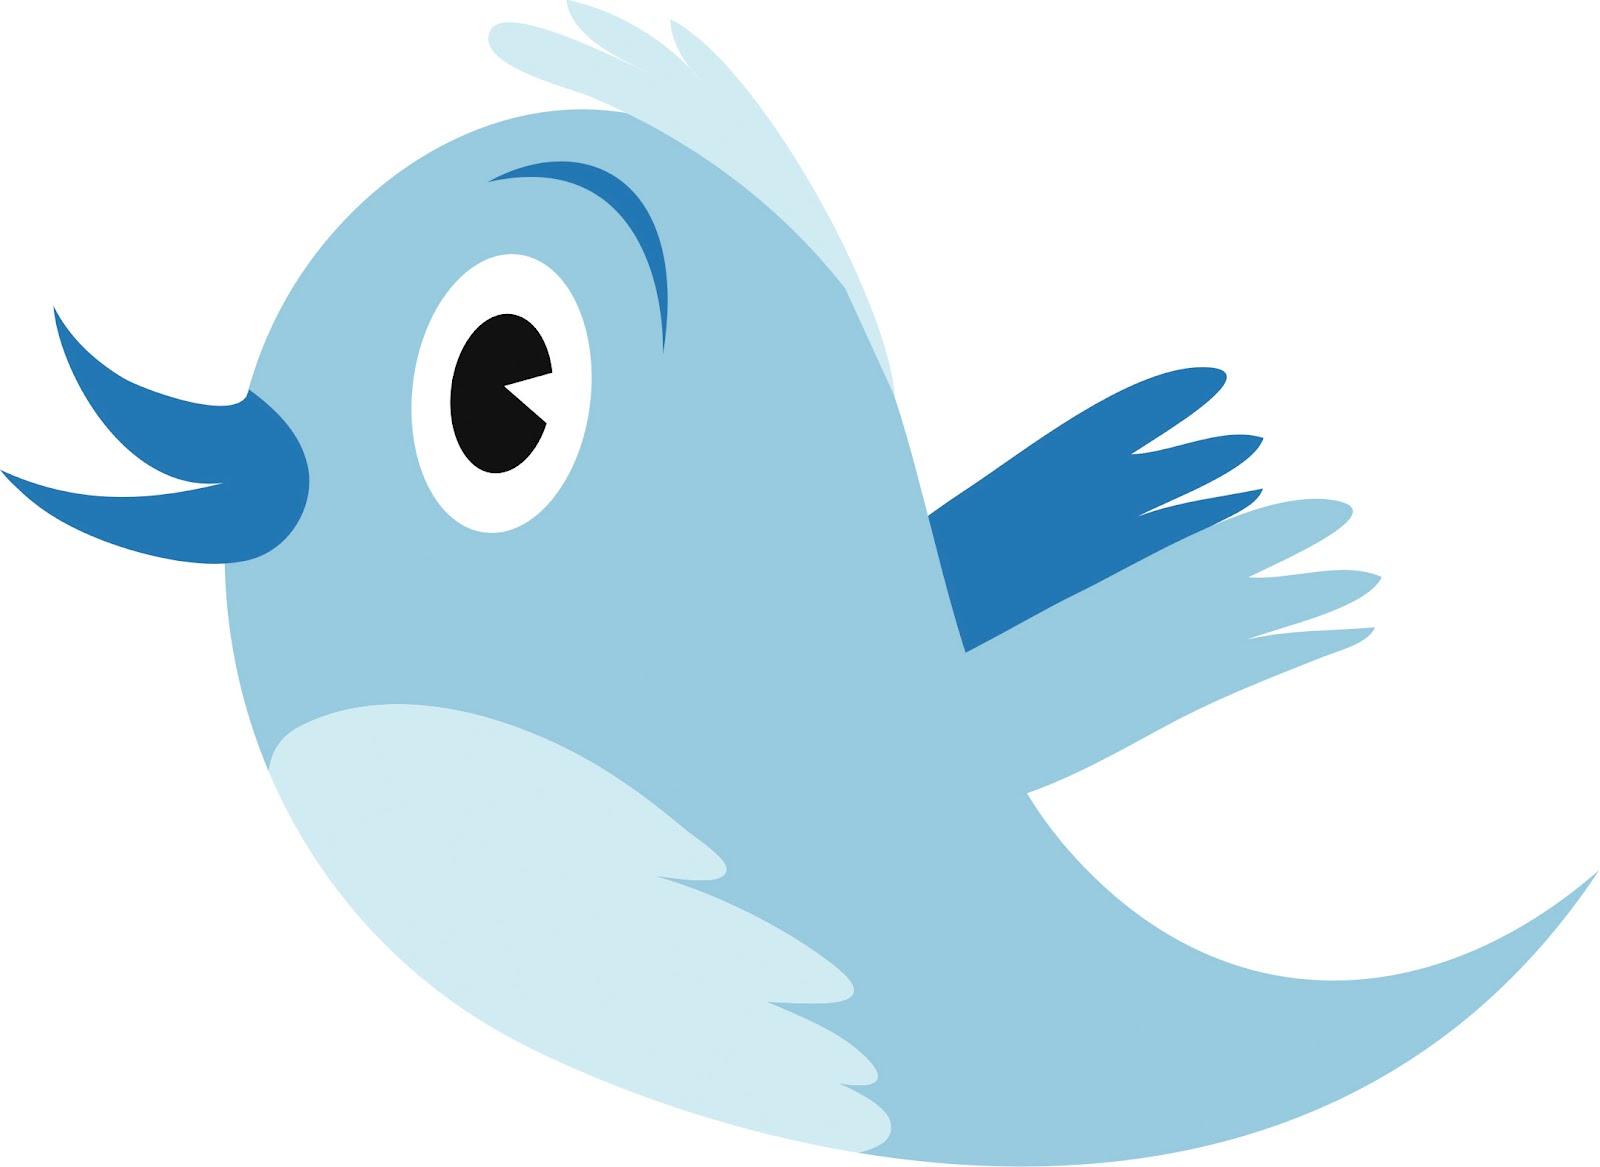 Twitter bird clipart banner free Twitter bird clipart - ClipartFest banner free